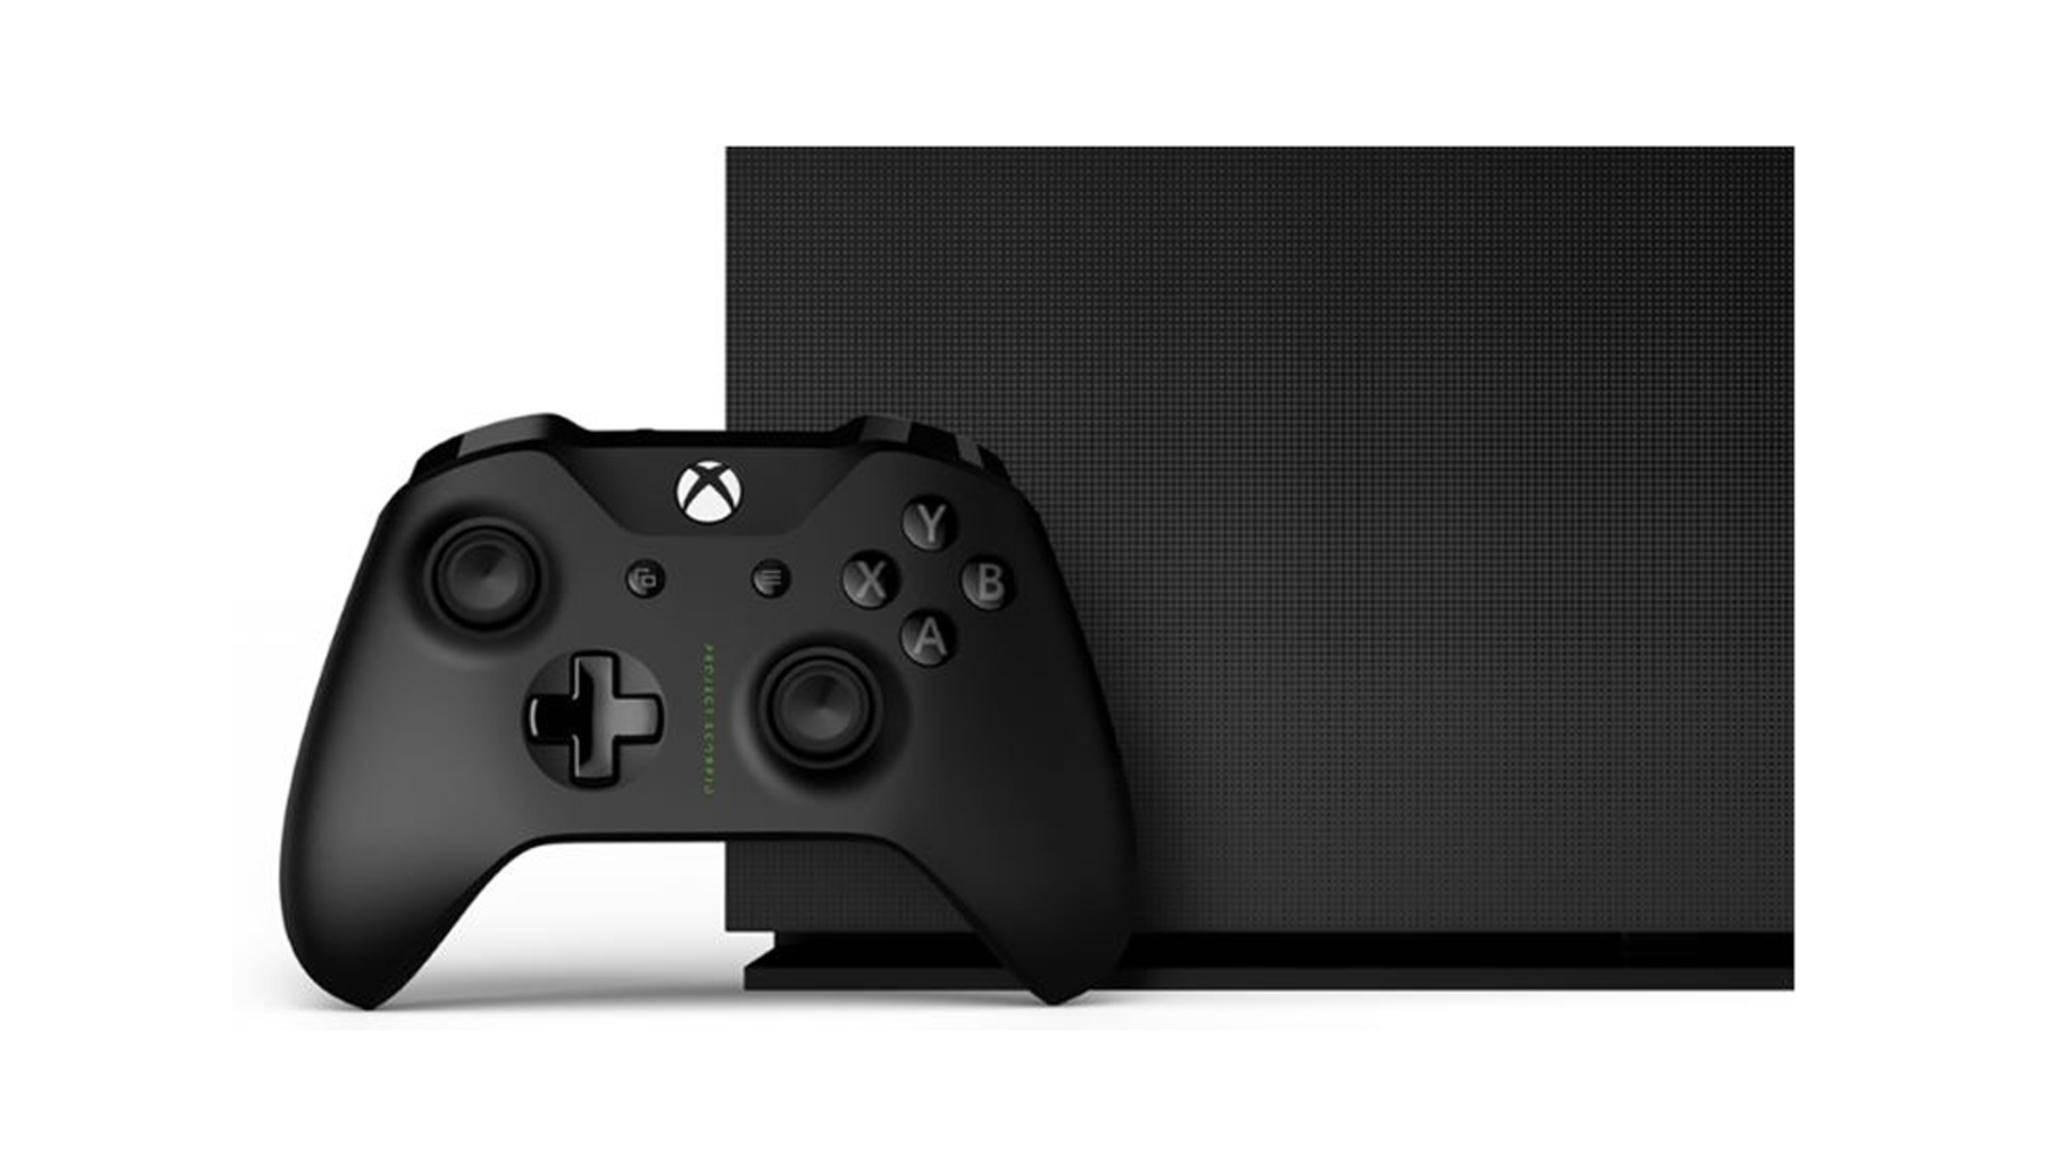 Die Xbox One X wird von der PS5 auf den zweiten Platz verwiesen werden.